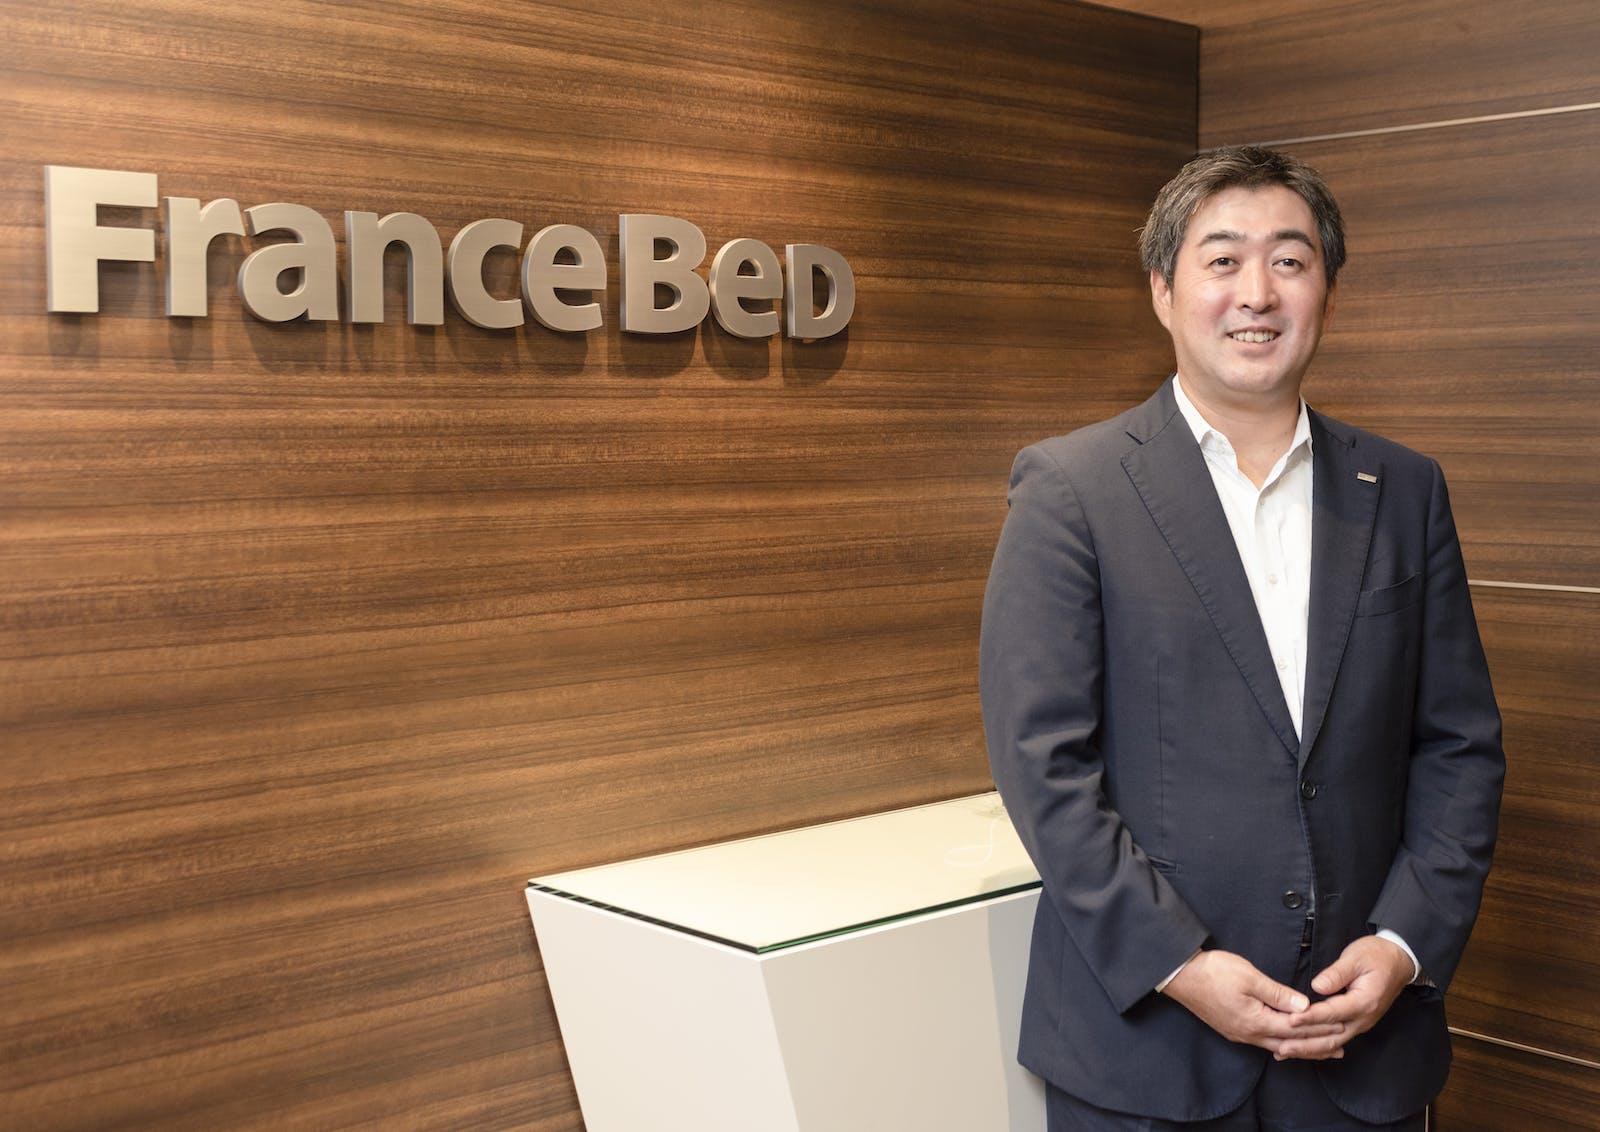 フランスベッド株式会社のアイキャッチ画像